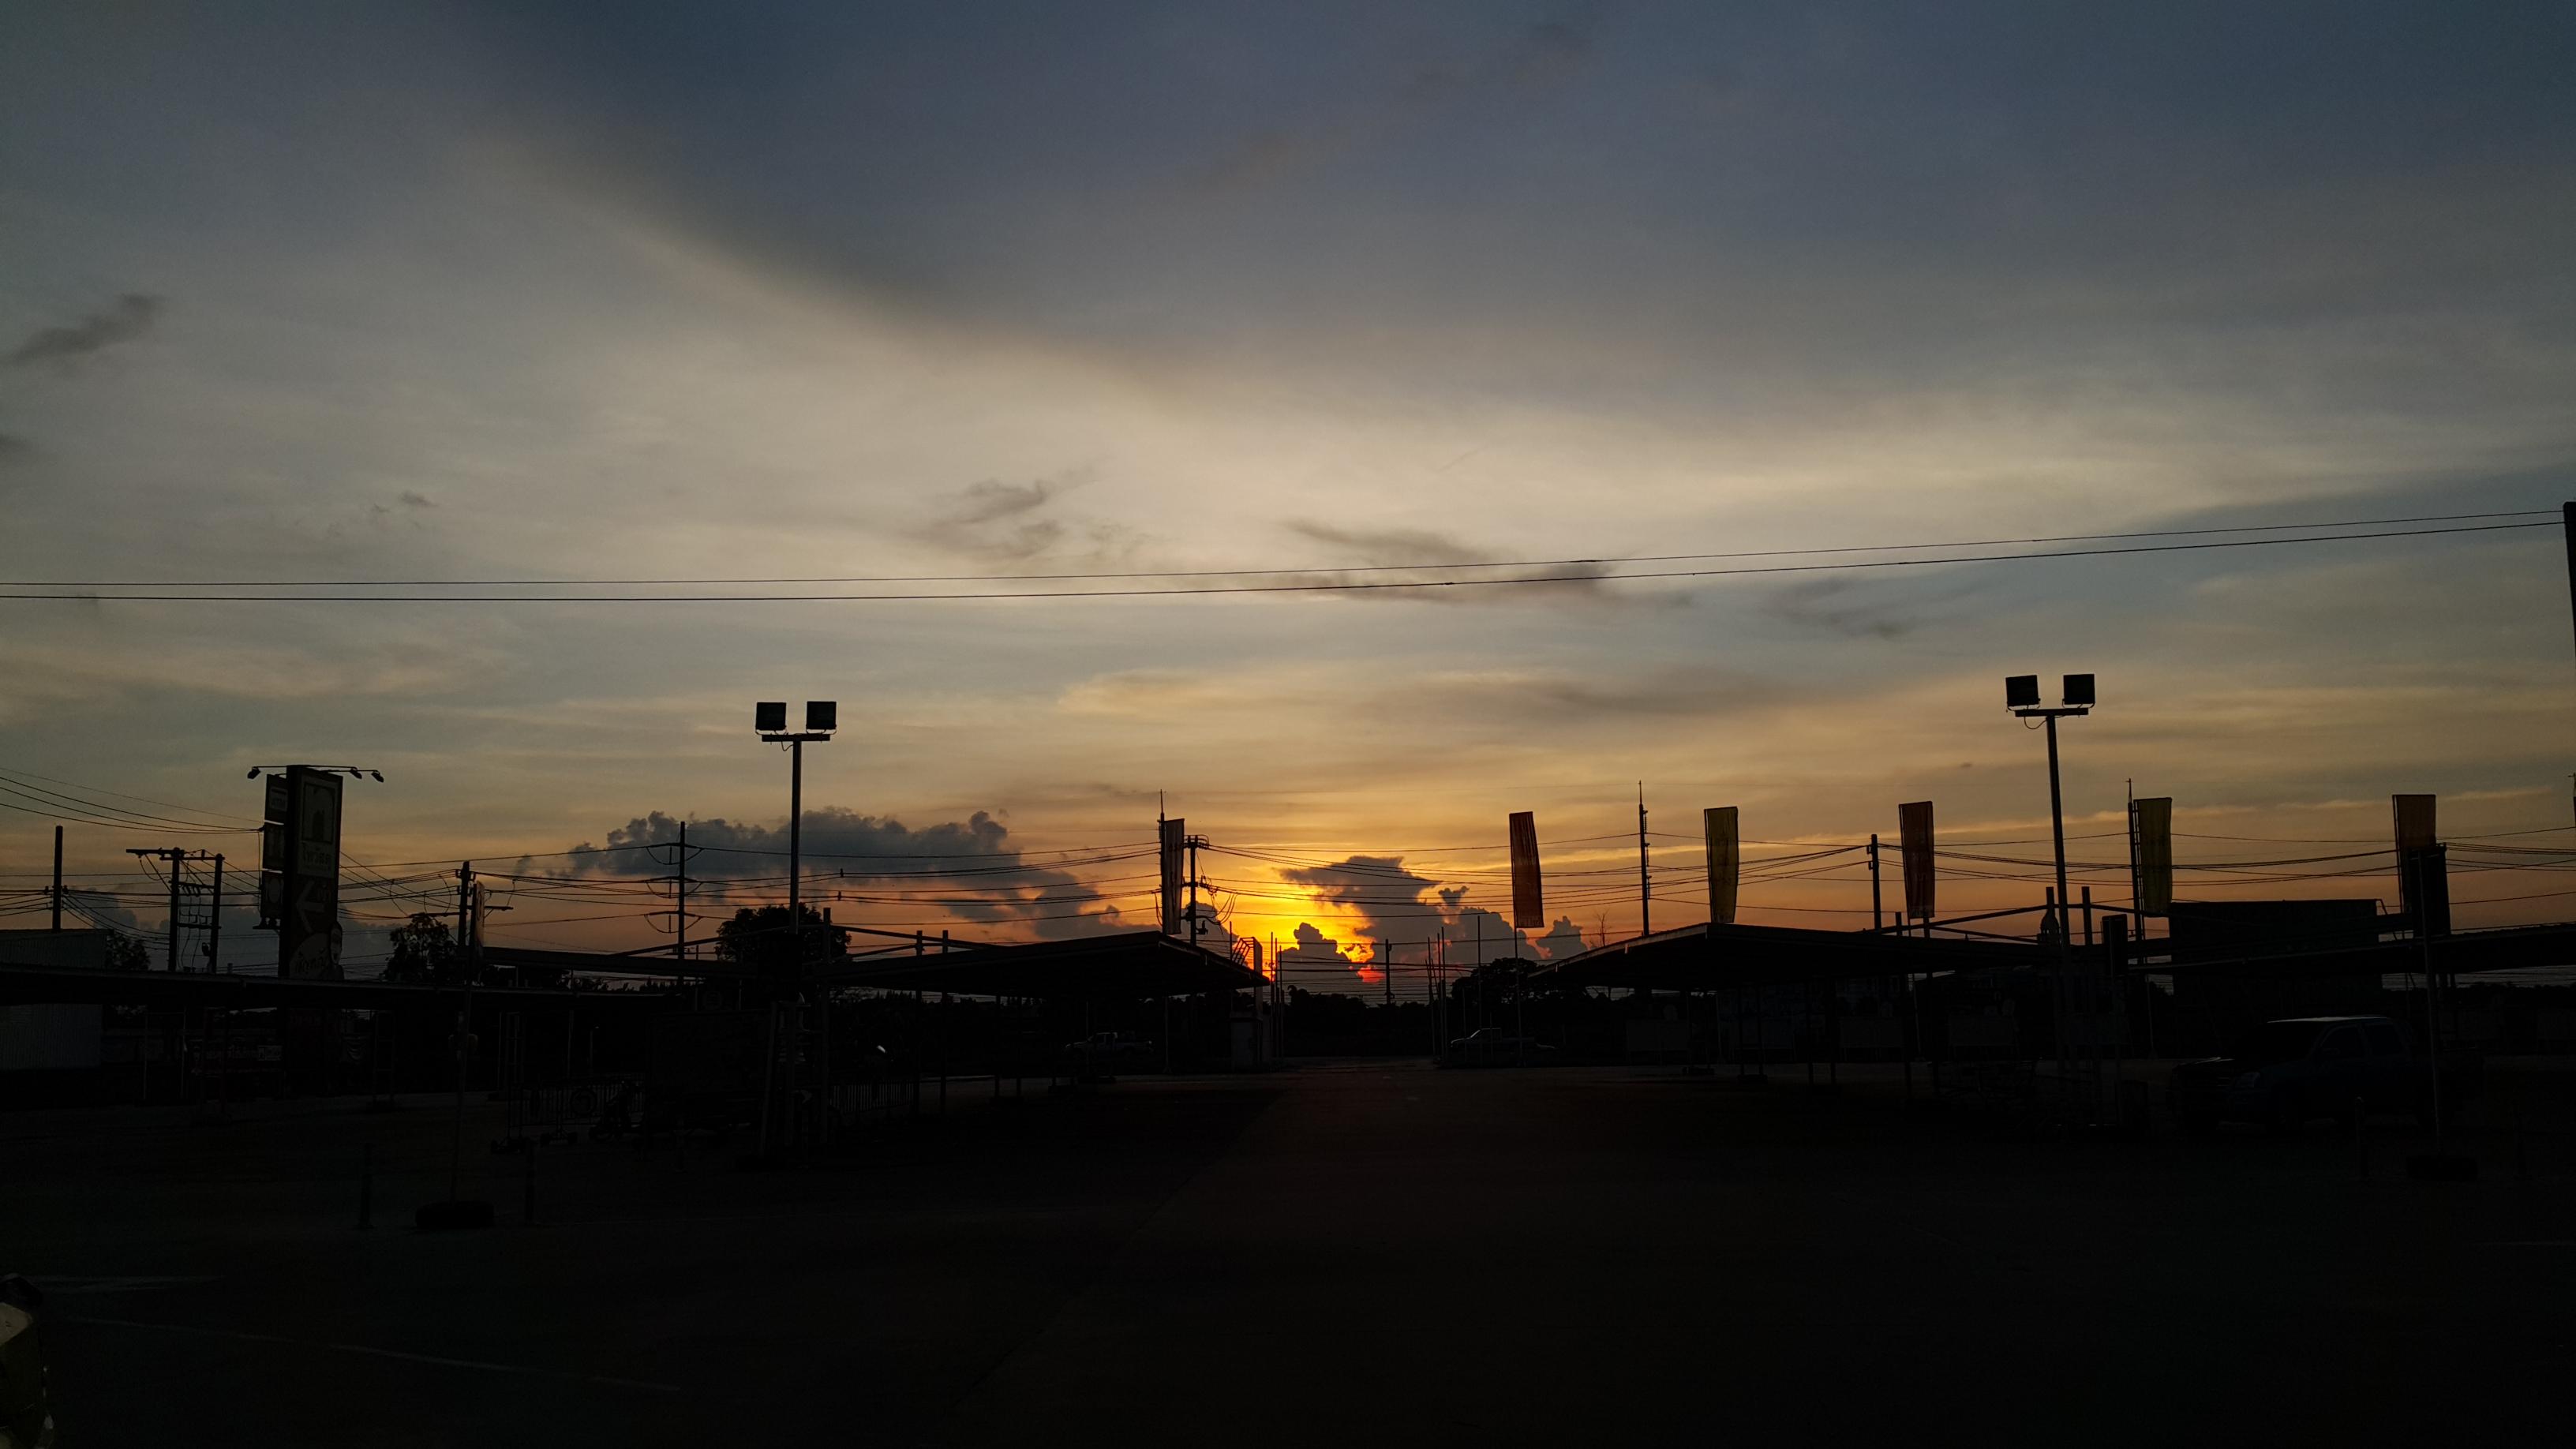 ท้องฟ้ากำลังหยอกและเล่นกันในวันที่ท้องฟ้าสดใส